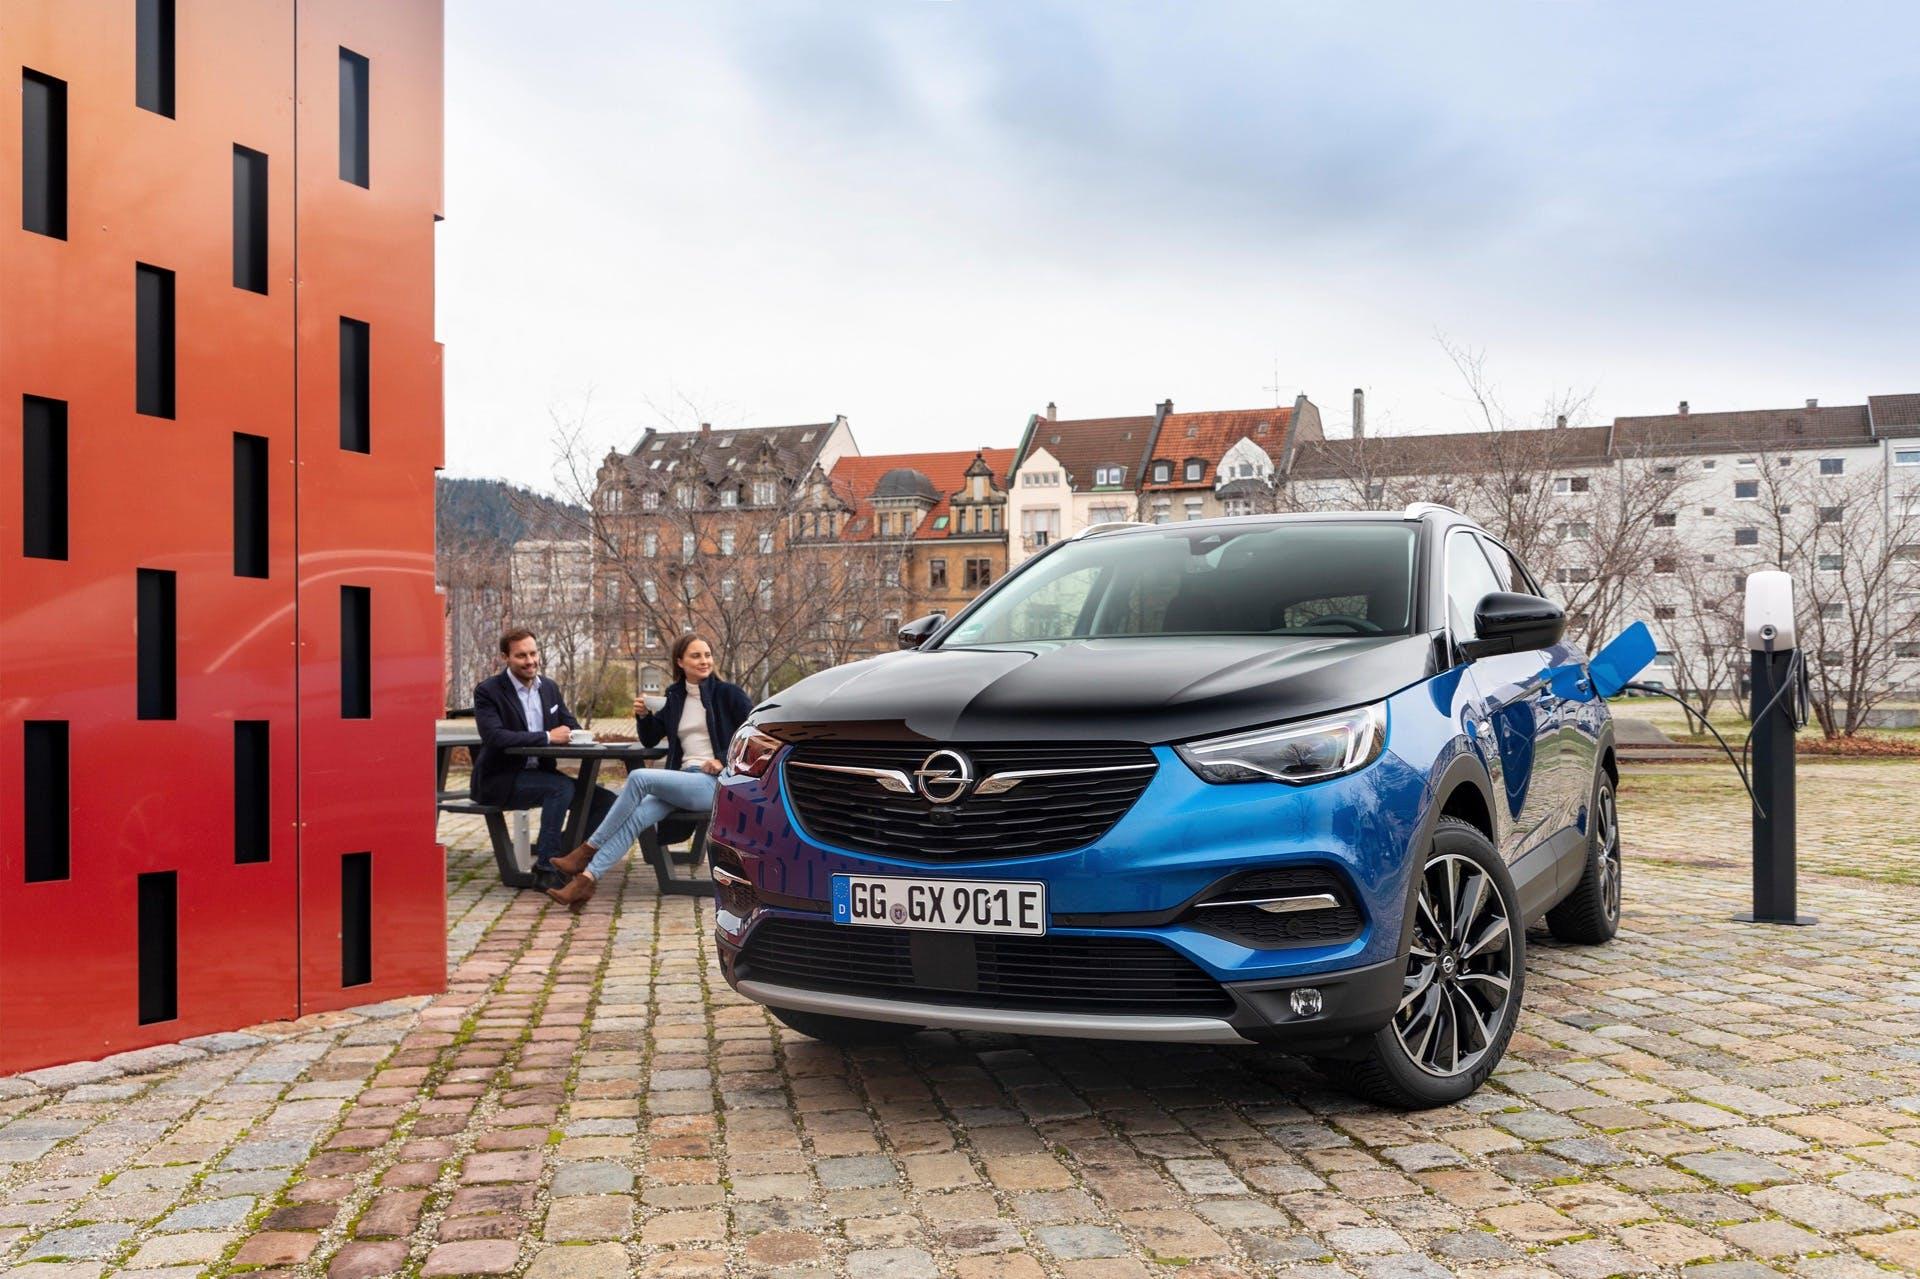 Opel Grandland X Hybrid4 Bicolore ferma alla colonnina di ricarica